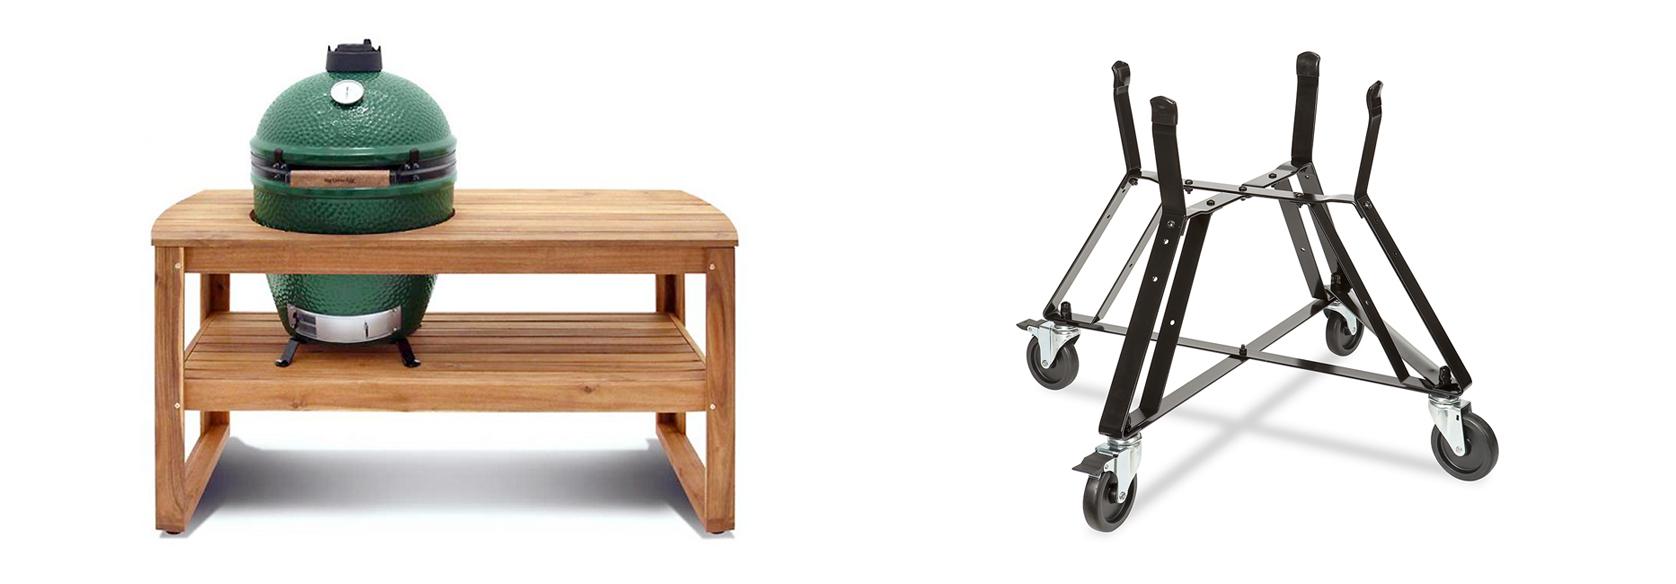 Tische & Untergestelle